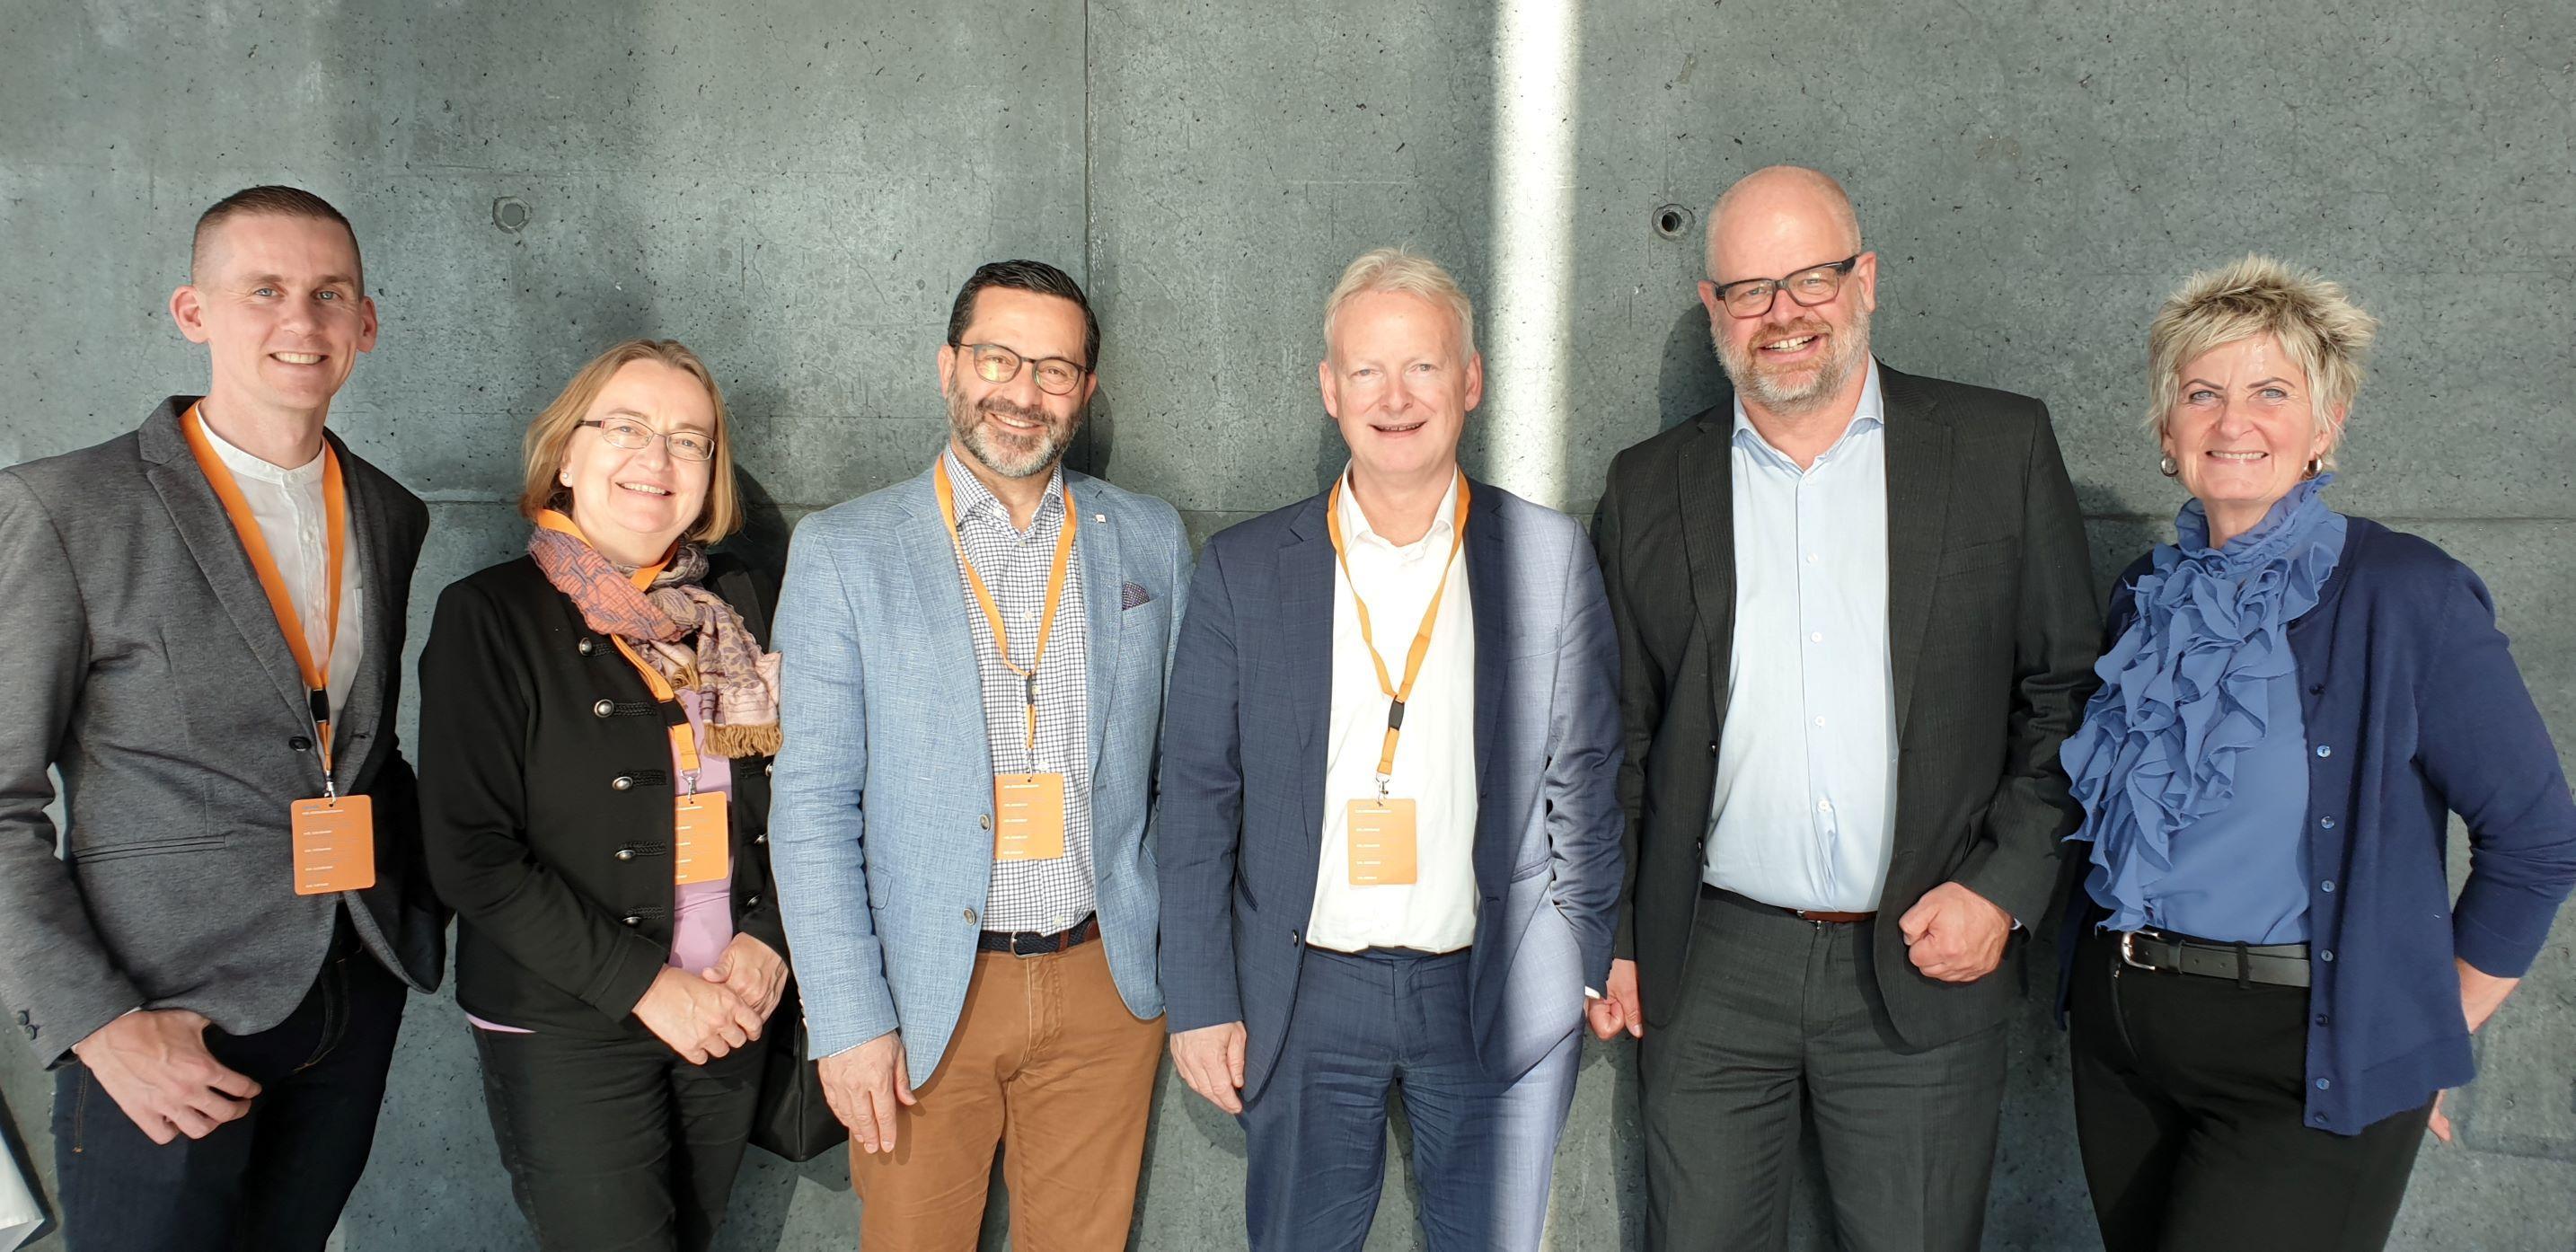 Nordiske HR ledere